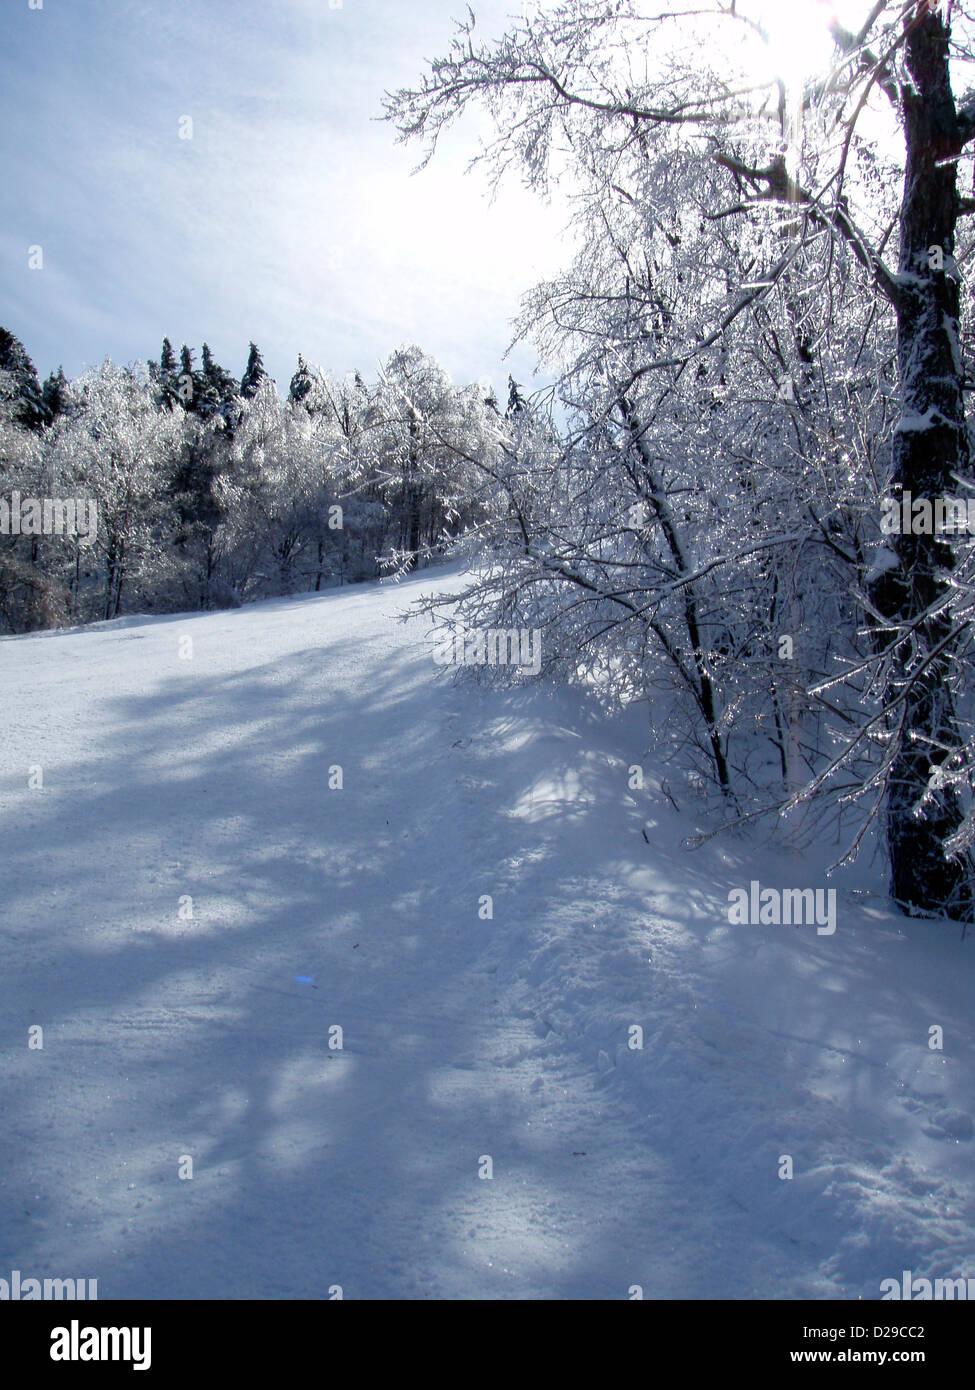 Ski scenery - Stock Image